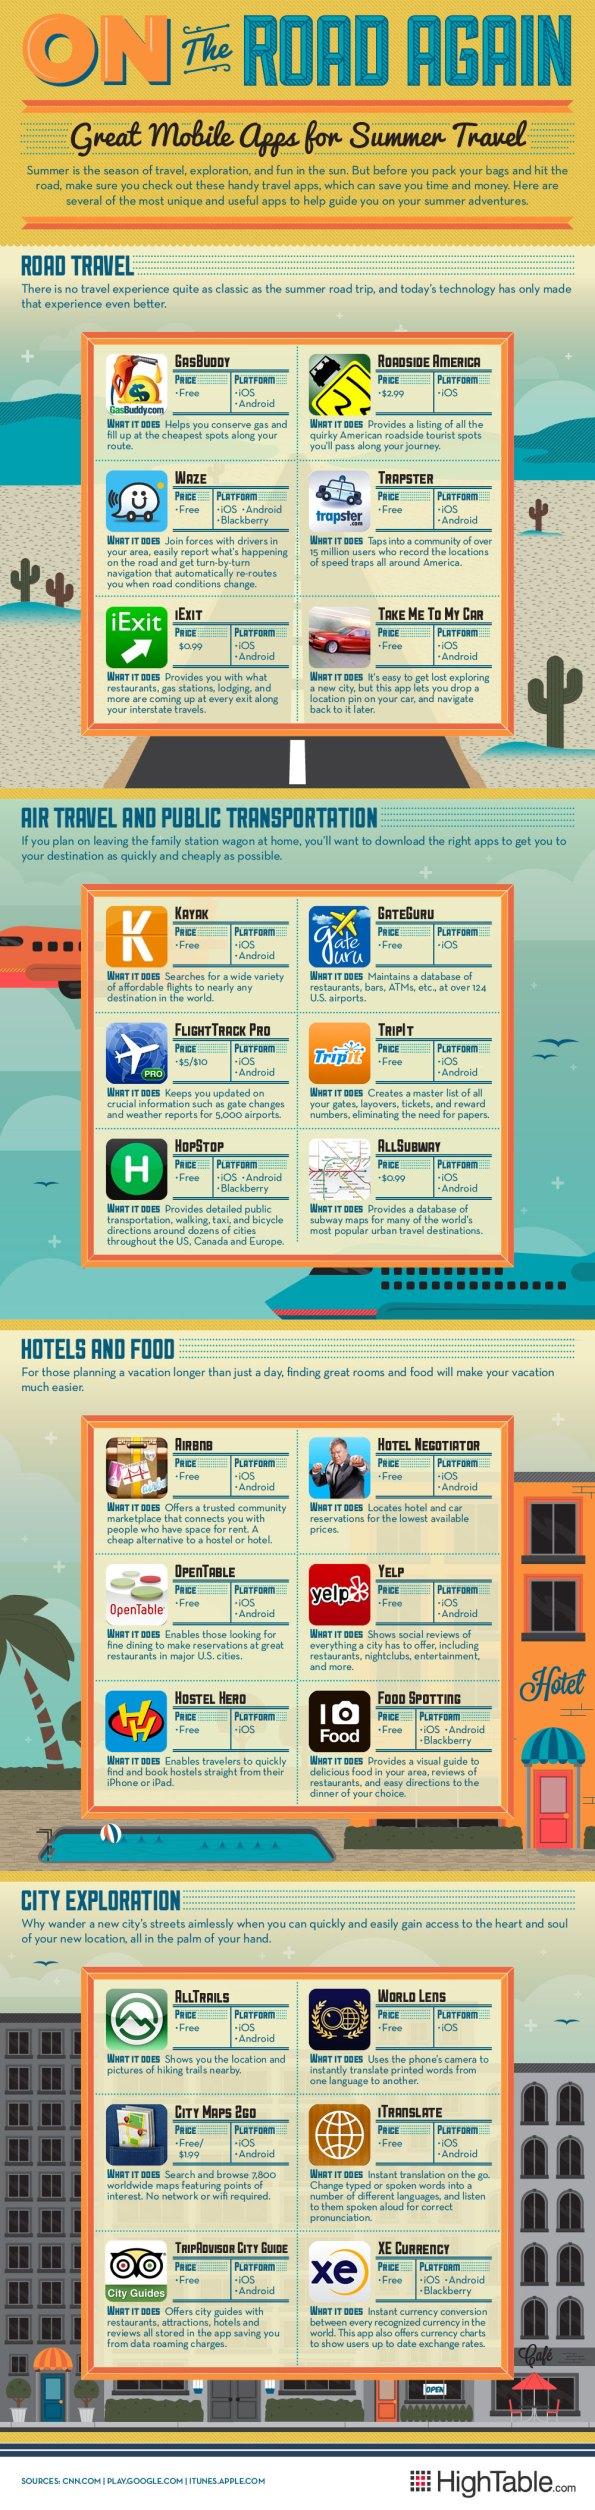 24 Apps móviles Para Hacer Su Viaje del Camino de Verano Mejor [Infographic]